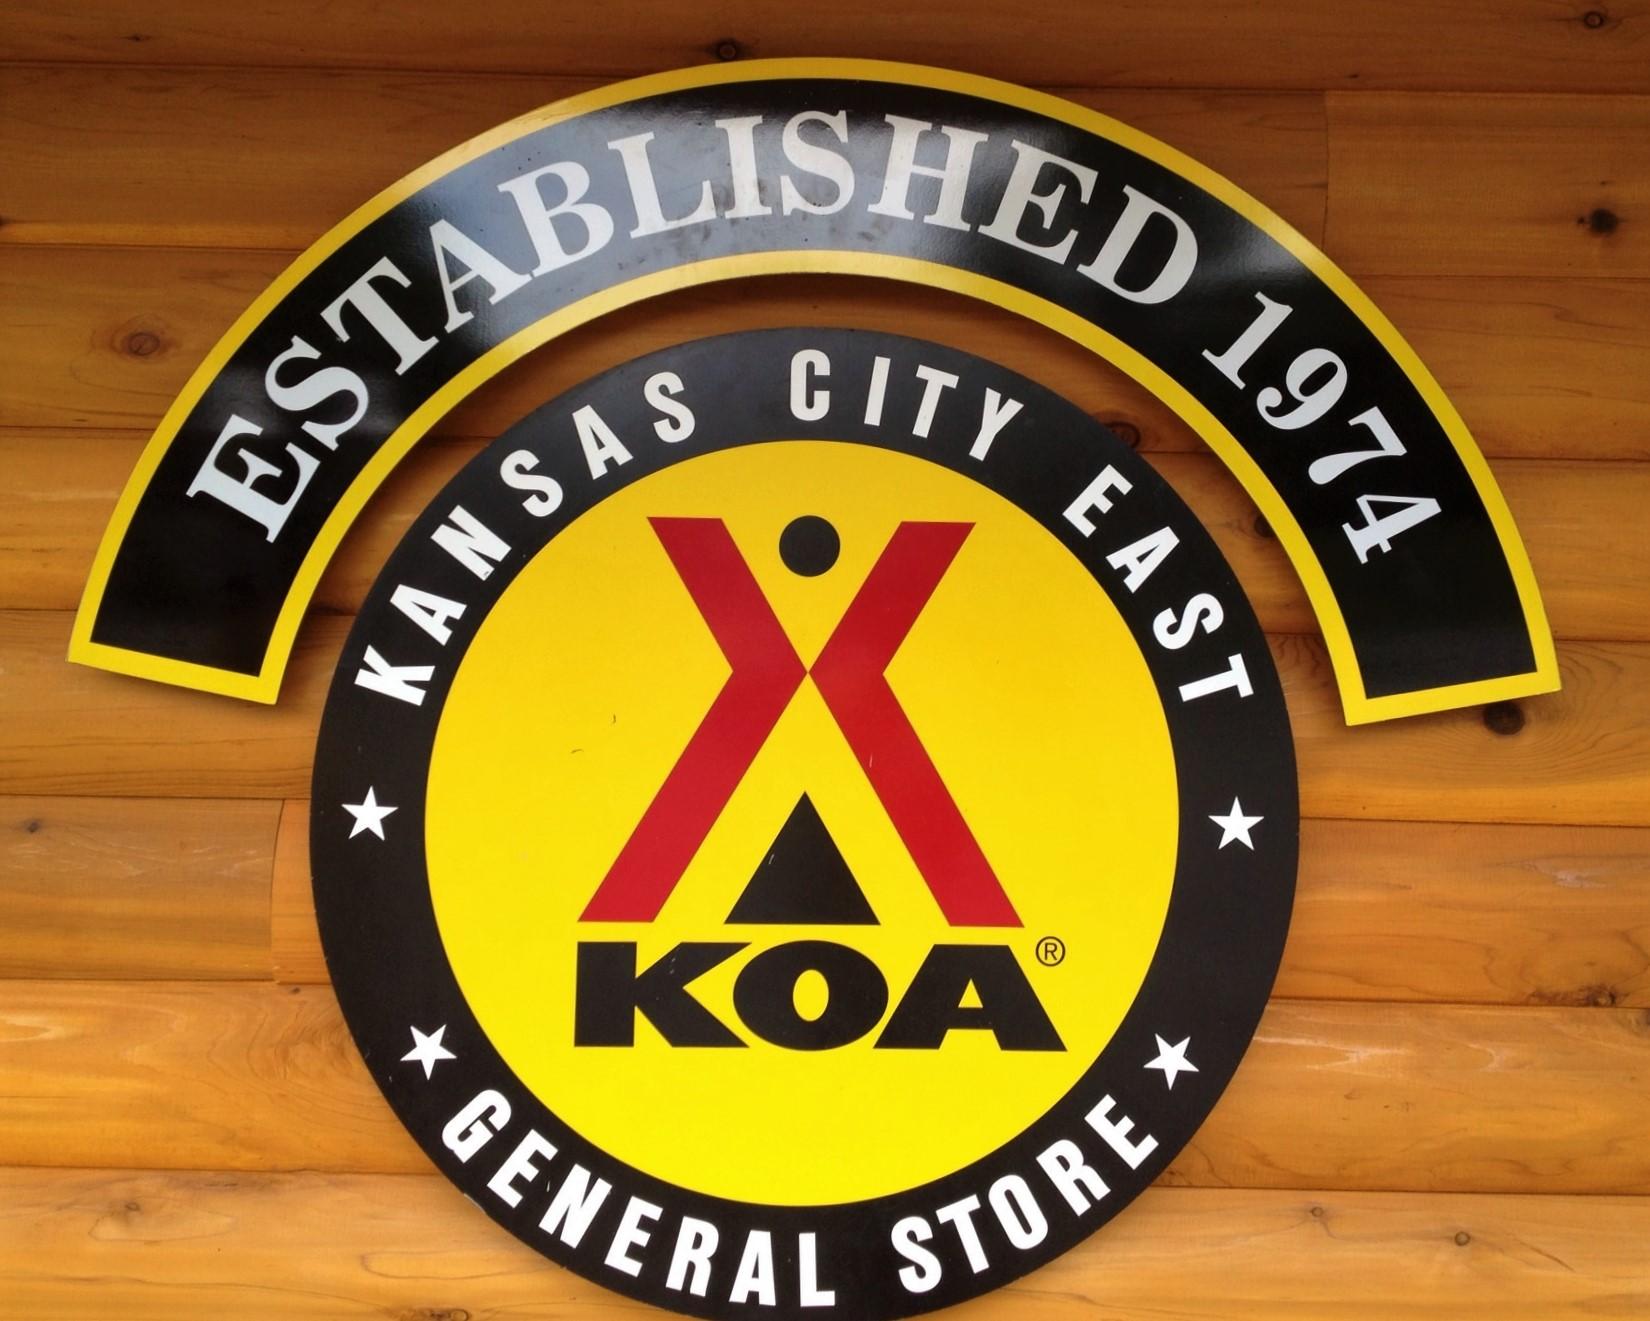 Kansas City East / Oak Grove KOA Holiday image 1